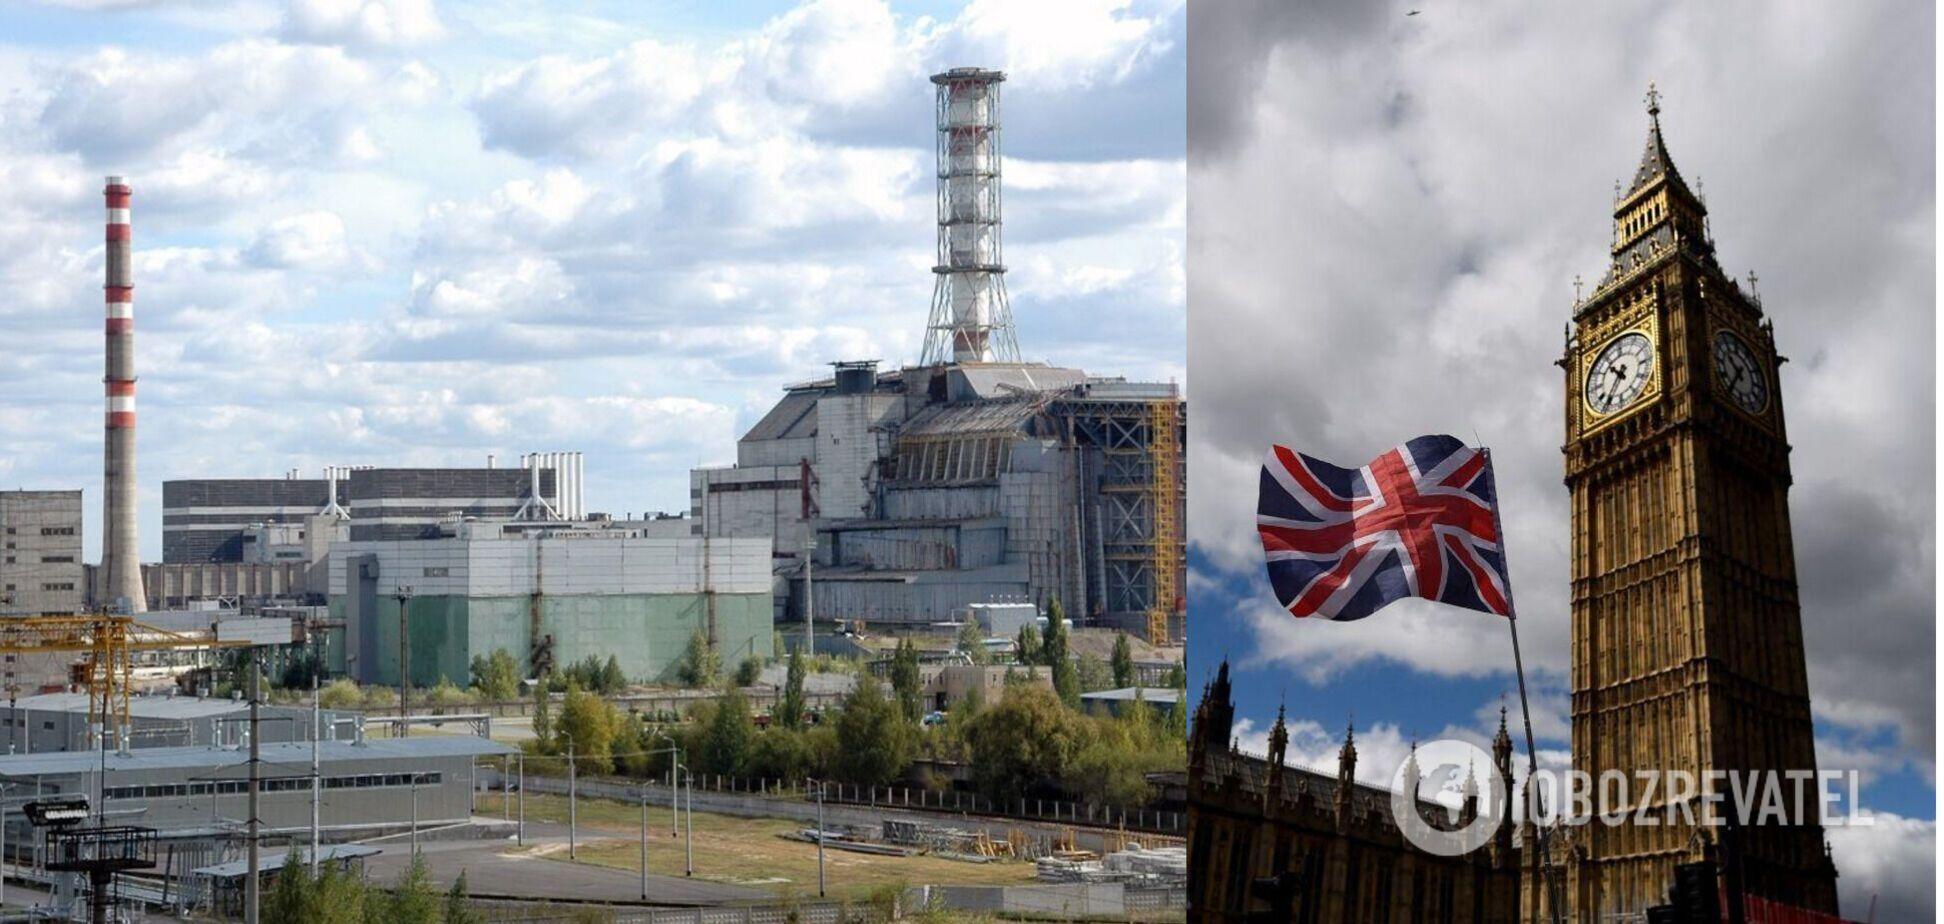 У Британії розповіли про постраждалі регіони і «хаос» в уряді через аварію на Чорнобильській АЕС